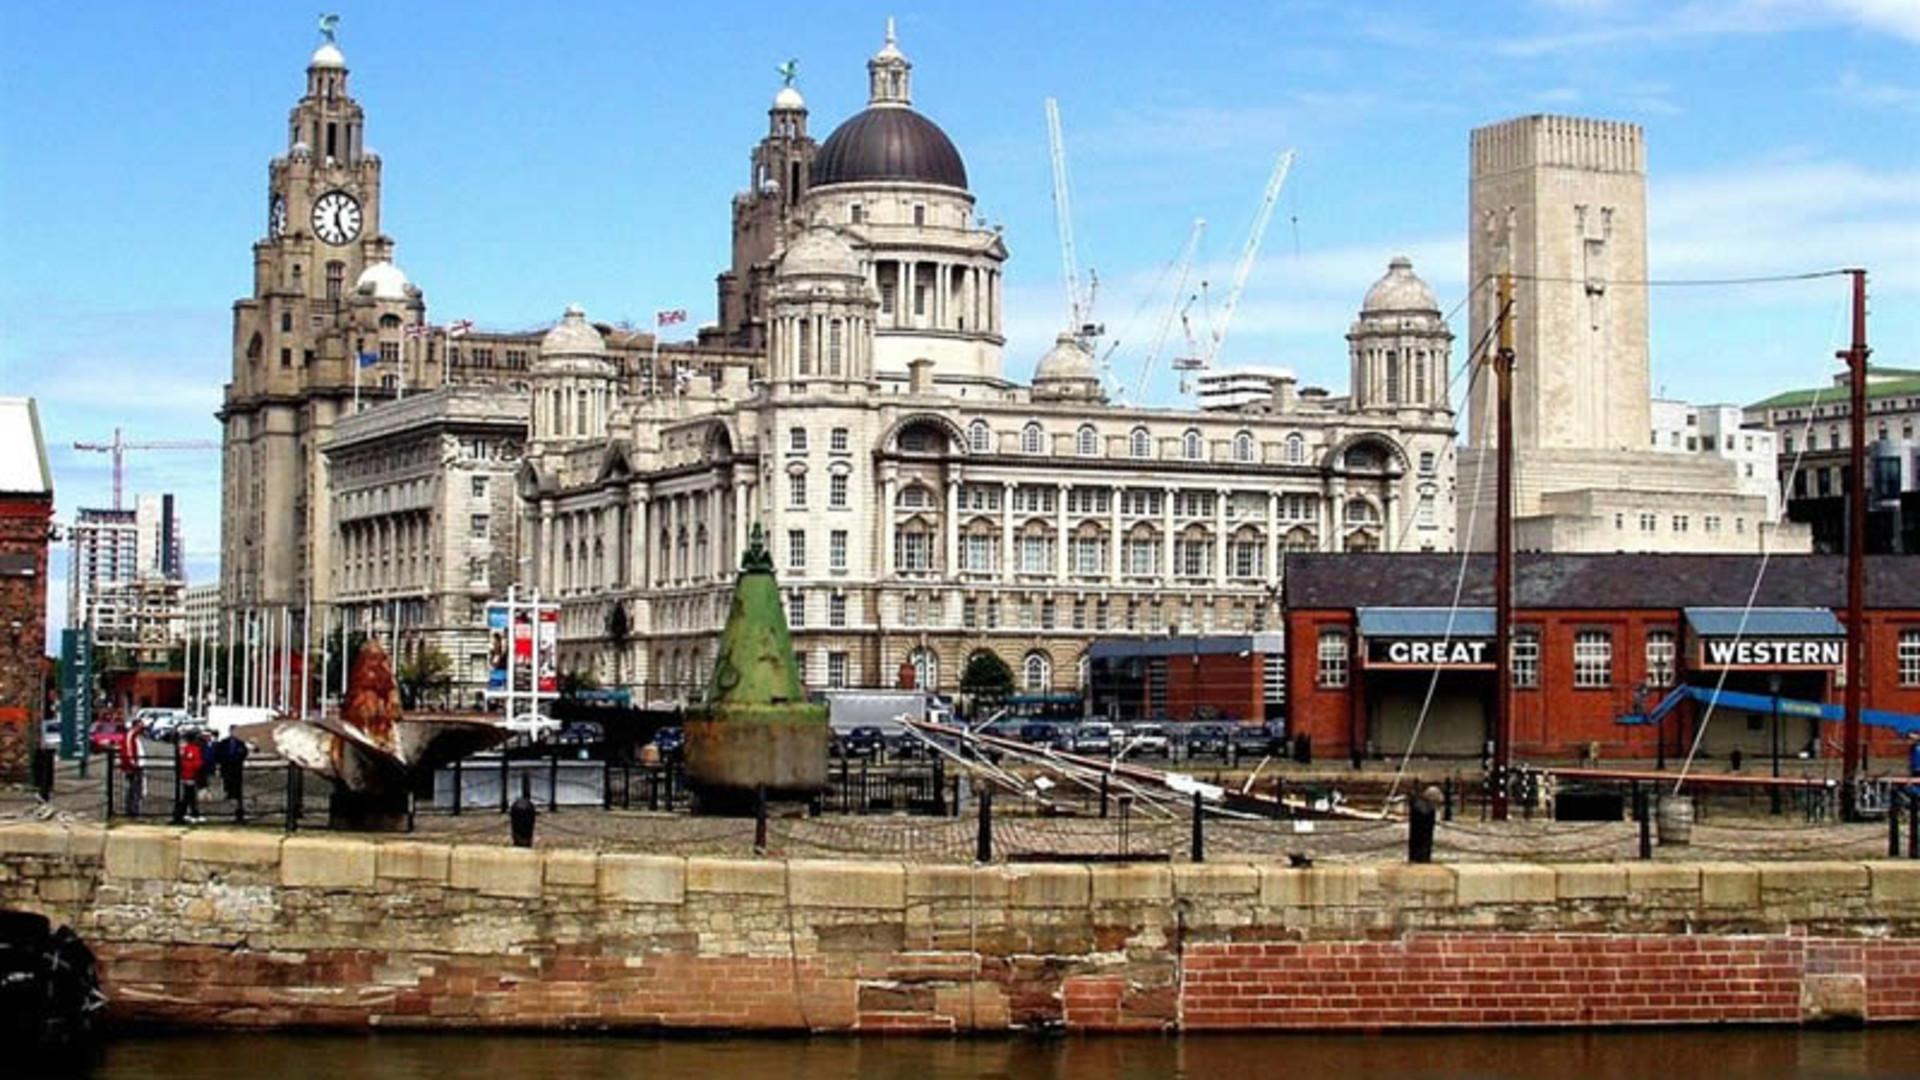 Ливерпуль исключили из списка всемирного наследия ЮНЕСКО